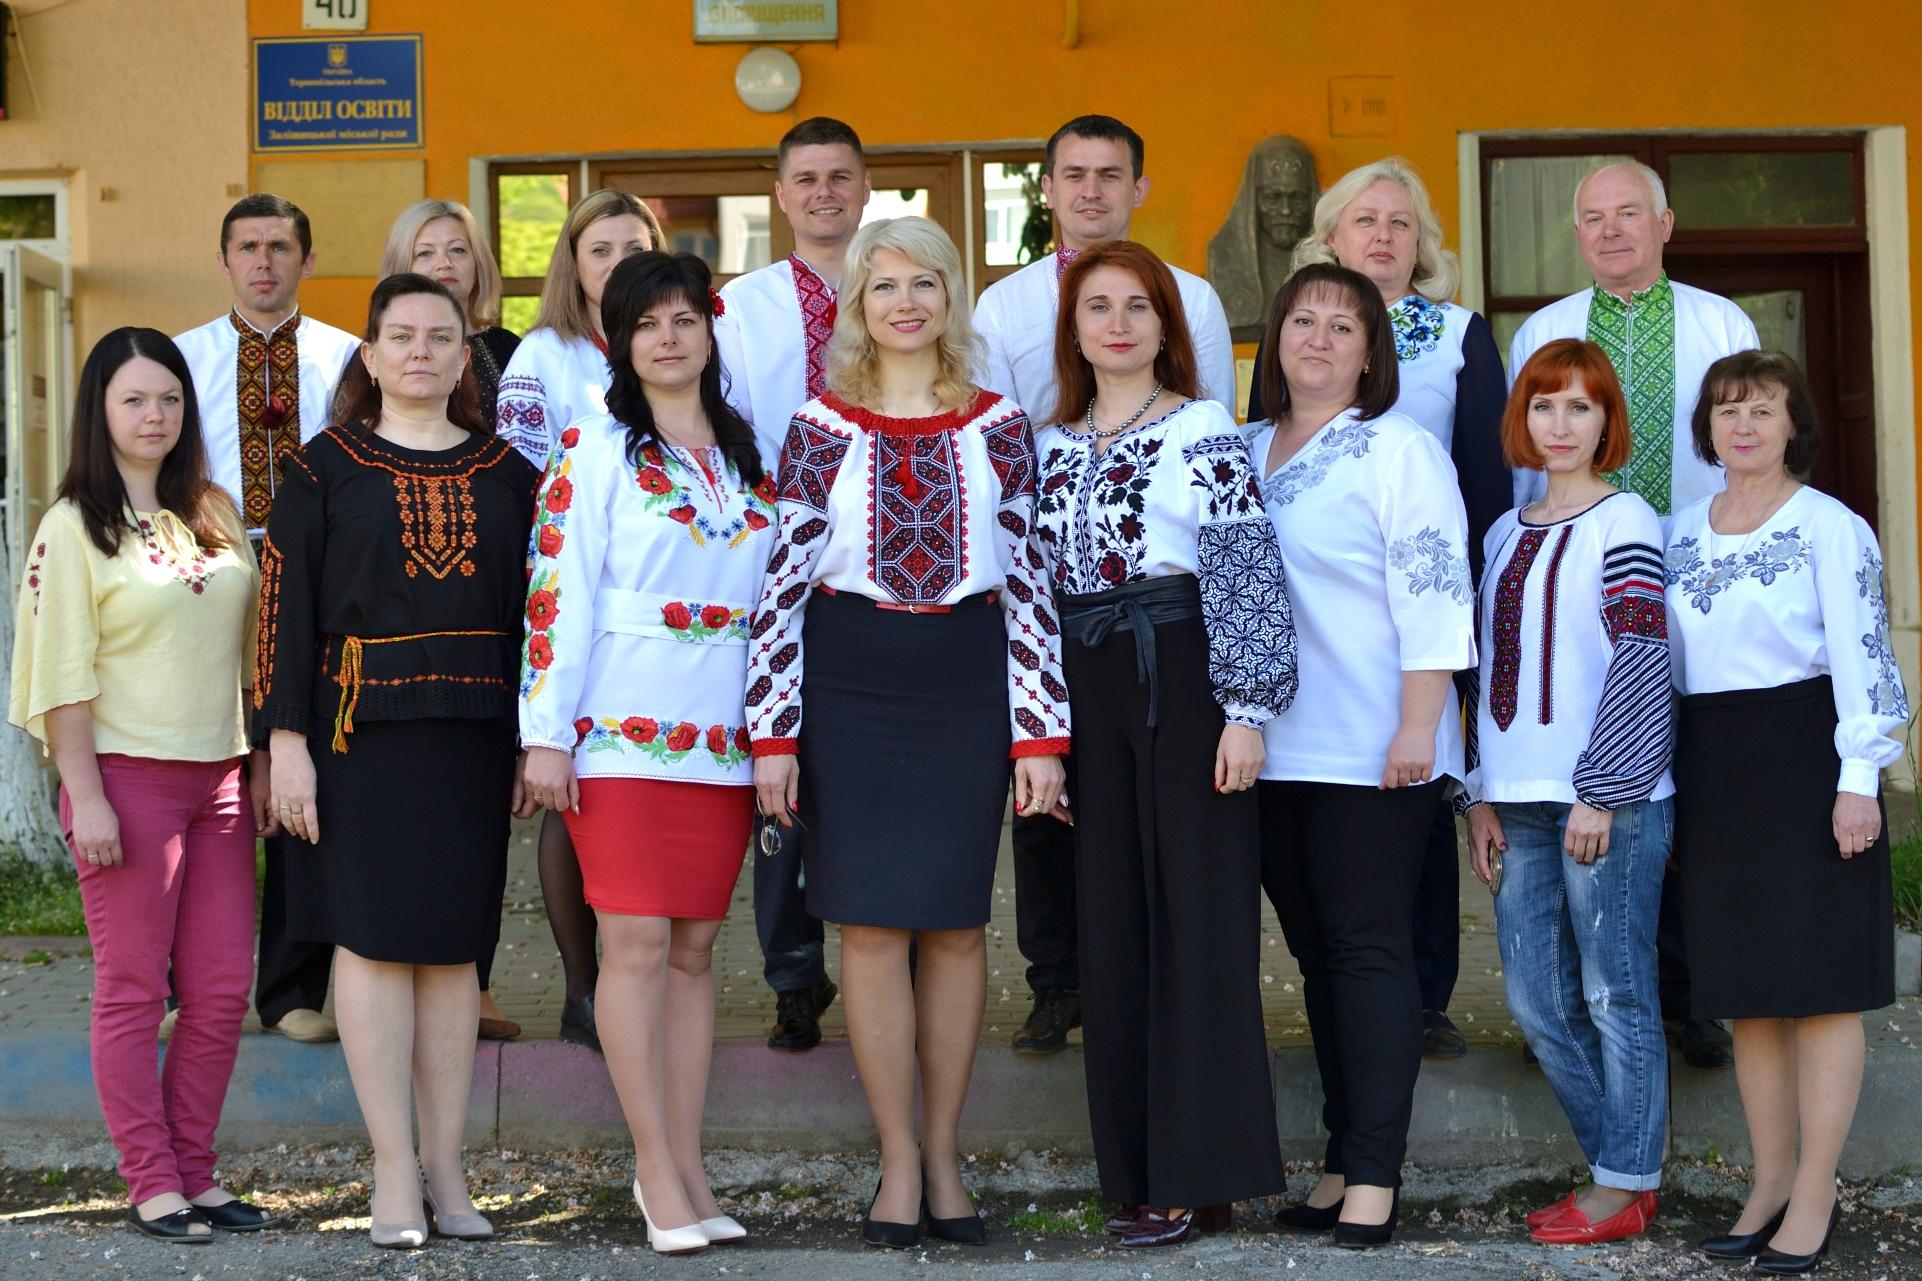 Відділ освіти Заліщицької міської ради  вітає з чудовим святом самобутньої, неповторної, барвистої української культури – з Днем вишиванки.